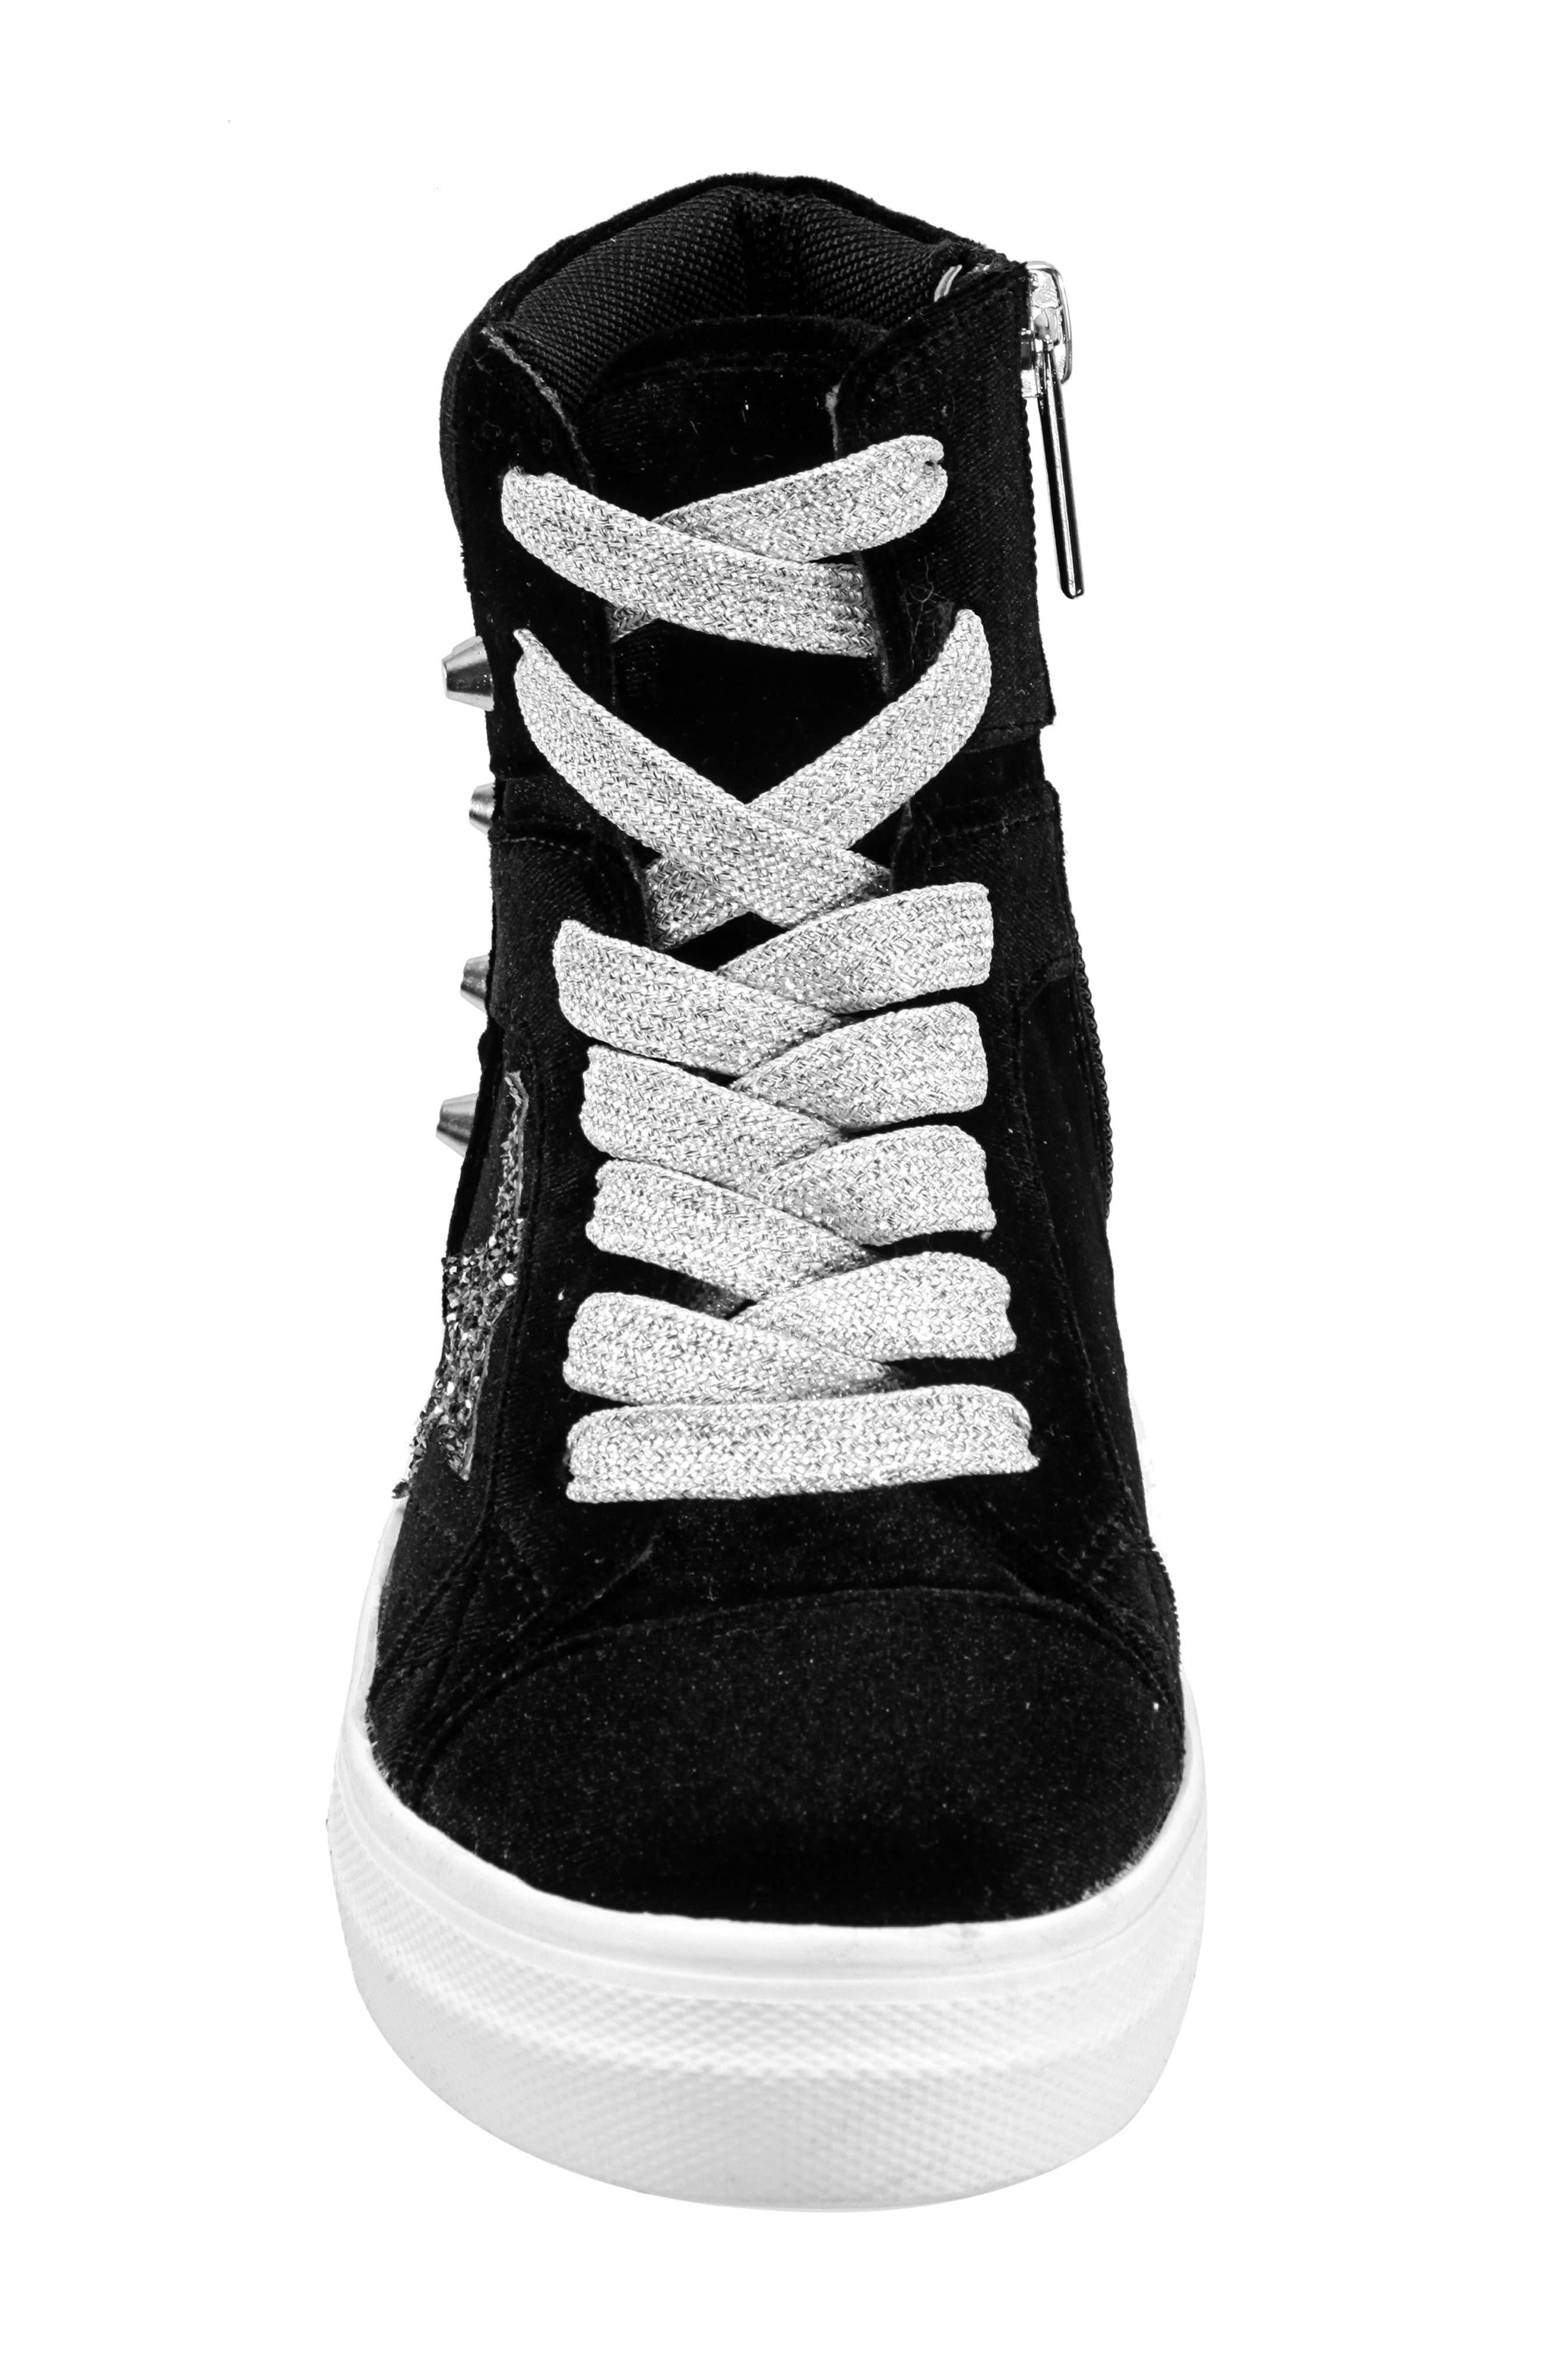 Ima Studded High Top Sneaker,                             Alternate thumbnail 4, color,                             BLACK VELVET